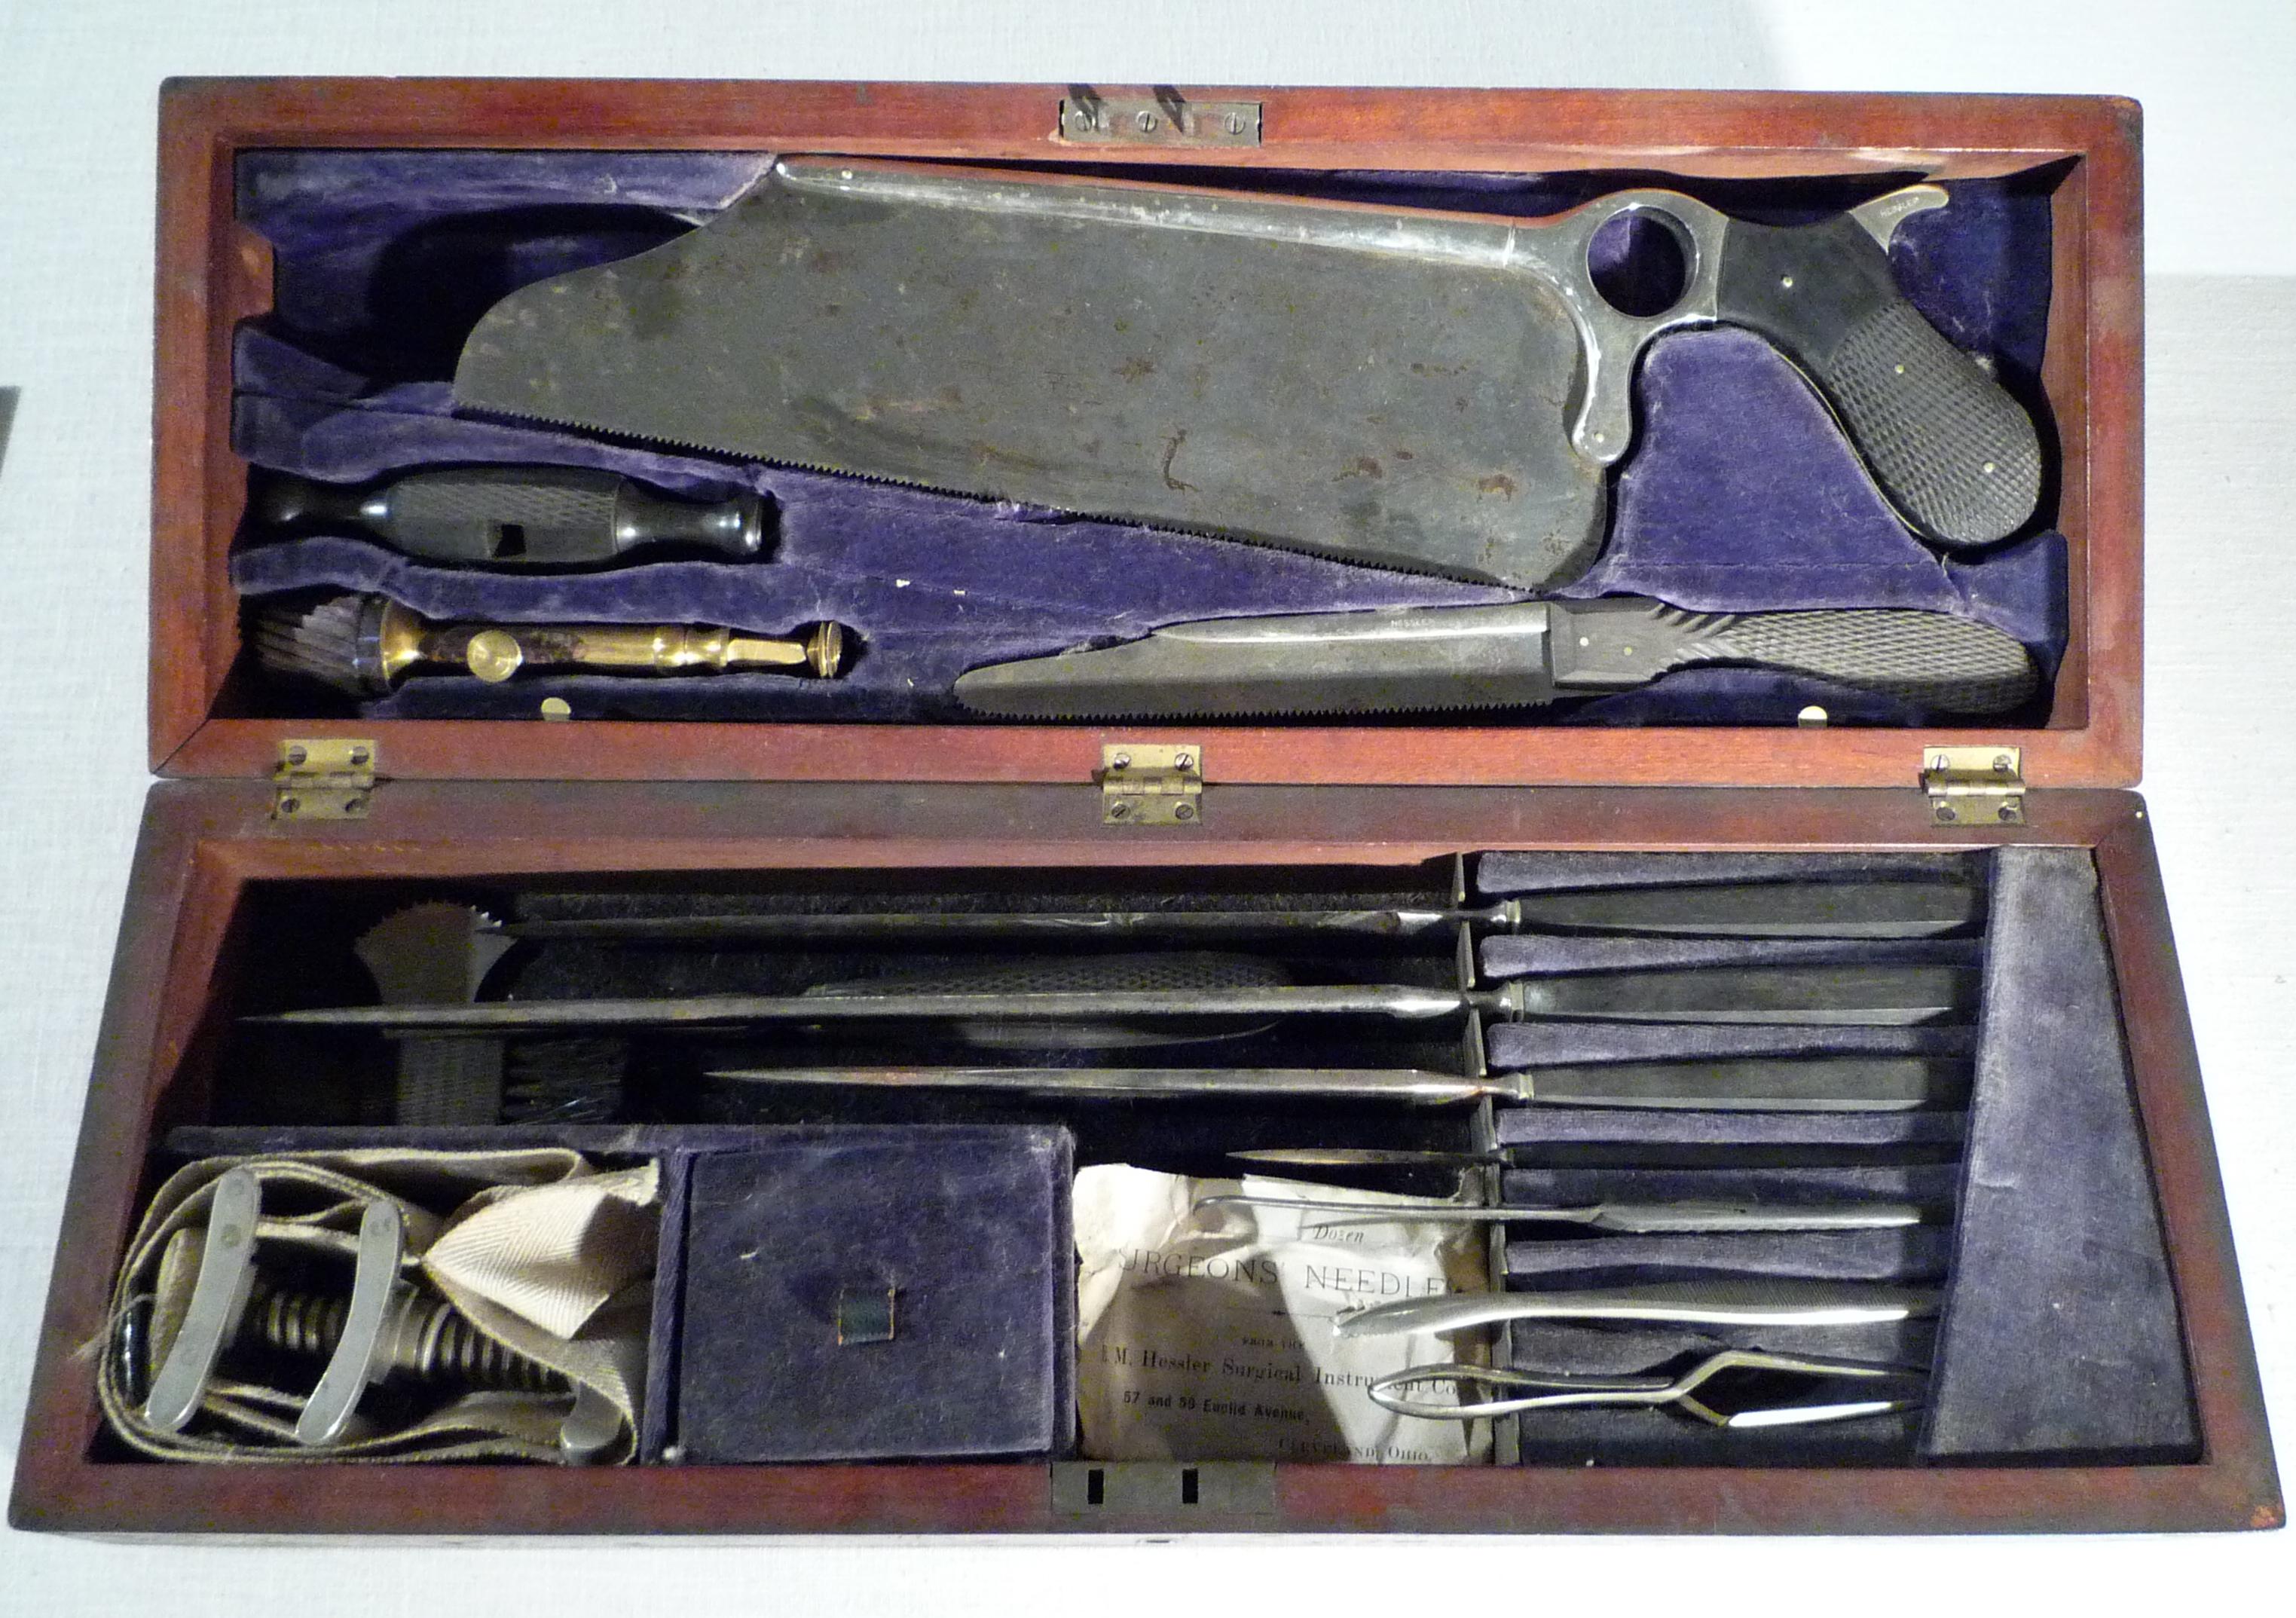 amputation kit (E.M. Hessler, 1890-1893)